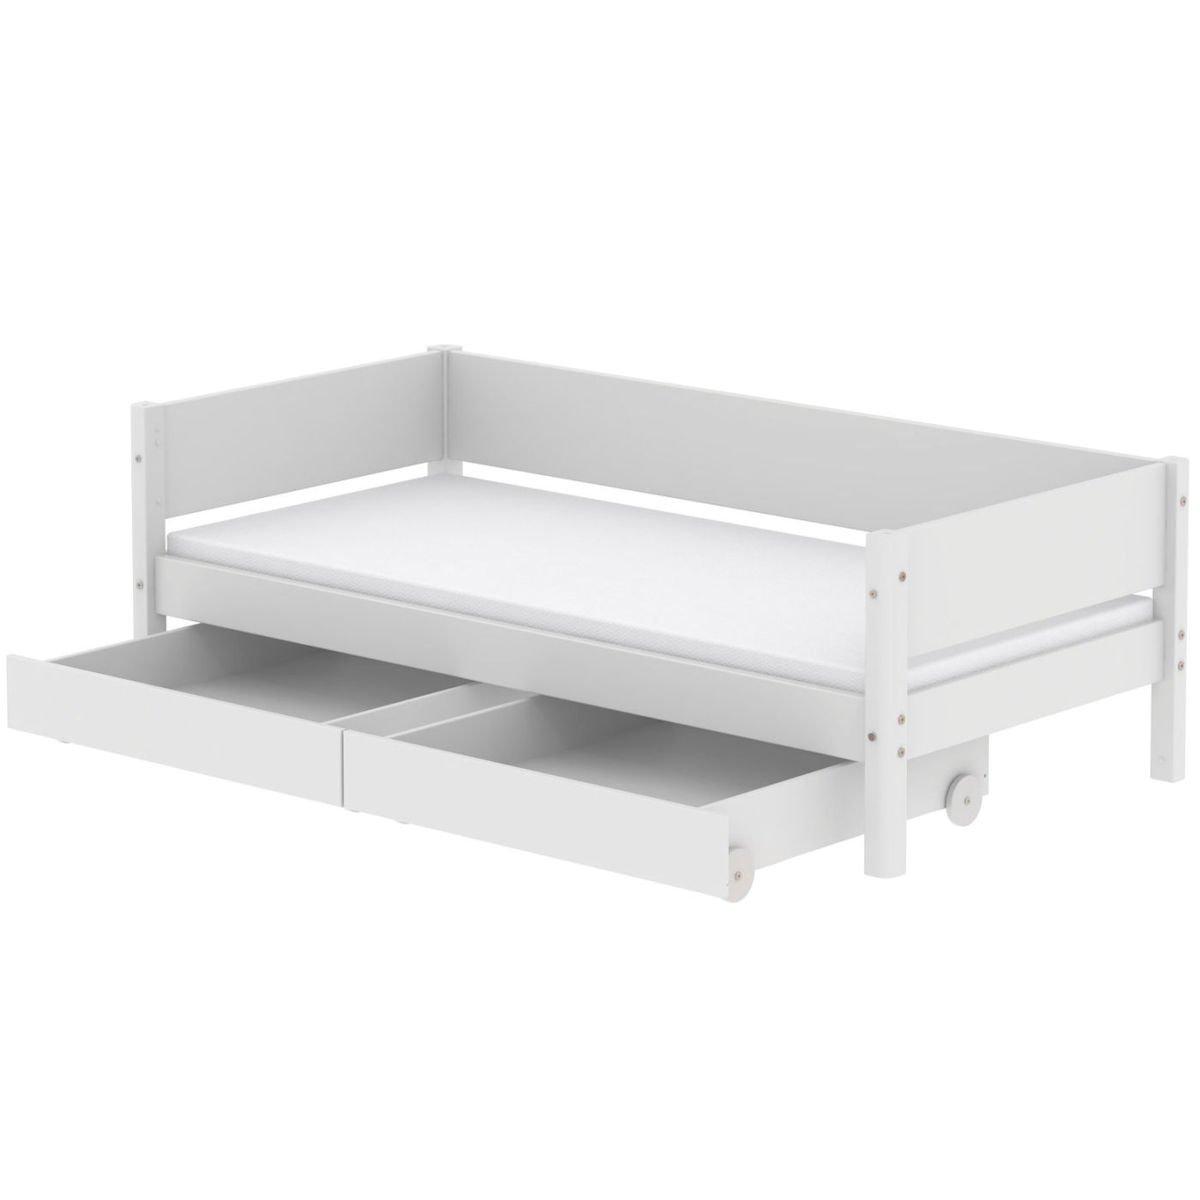 Wundervoll Einzelbett Weiß Das Beste Von White 90x200 Mit 2 Schübe Weiß/weiß